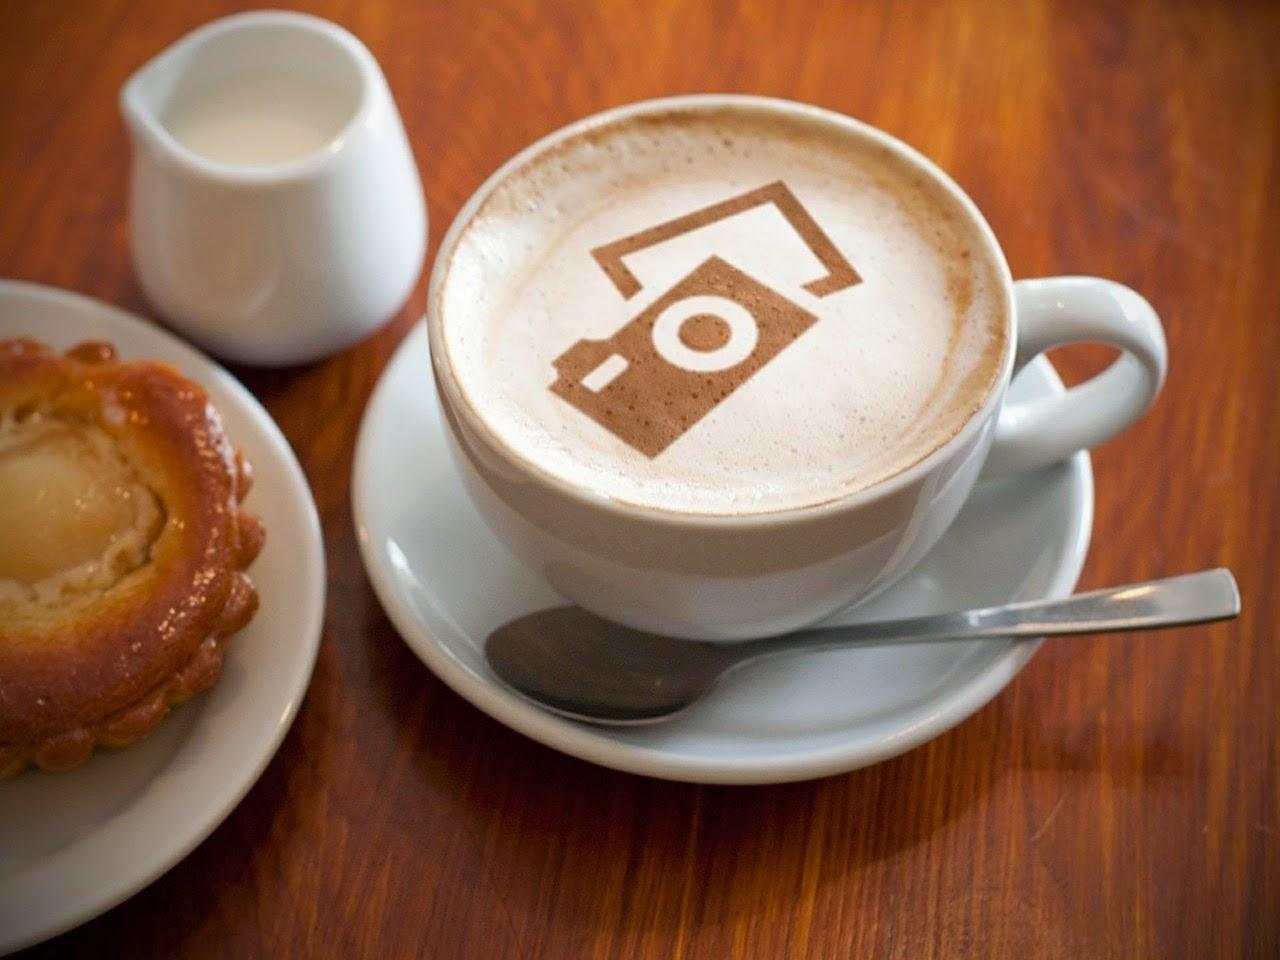 صور صباح الخير مع فنجان قهوة روعة